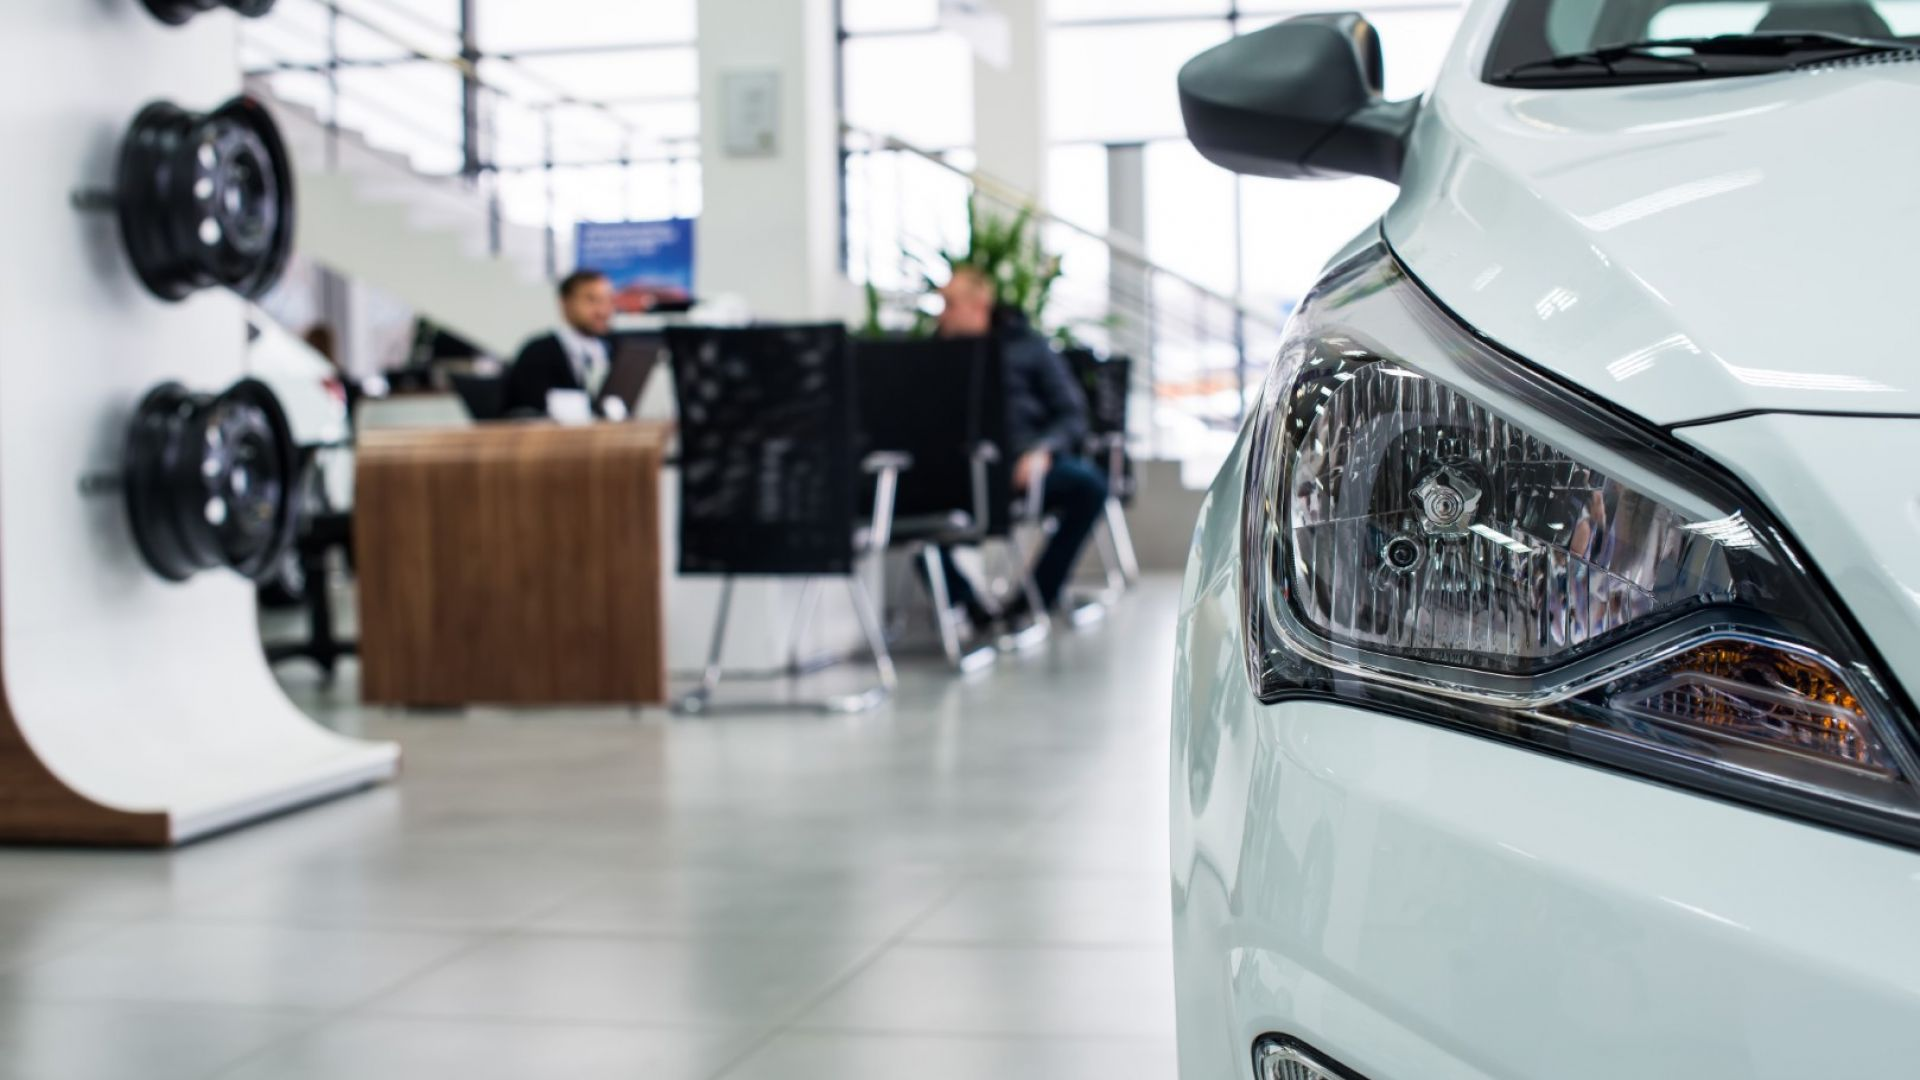 Продажбите на нови автомобили в Европа спадат, опасения за рецесия сред експертите